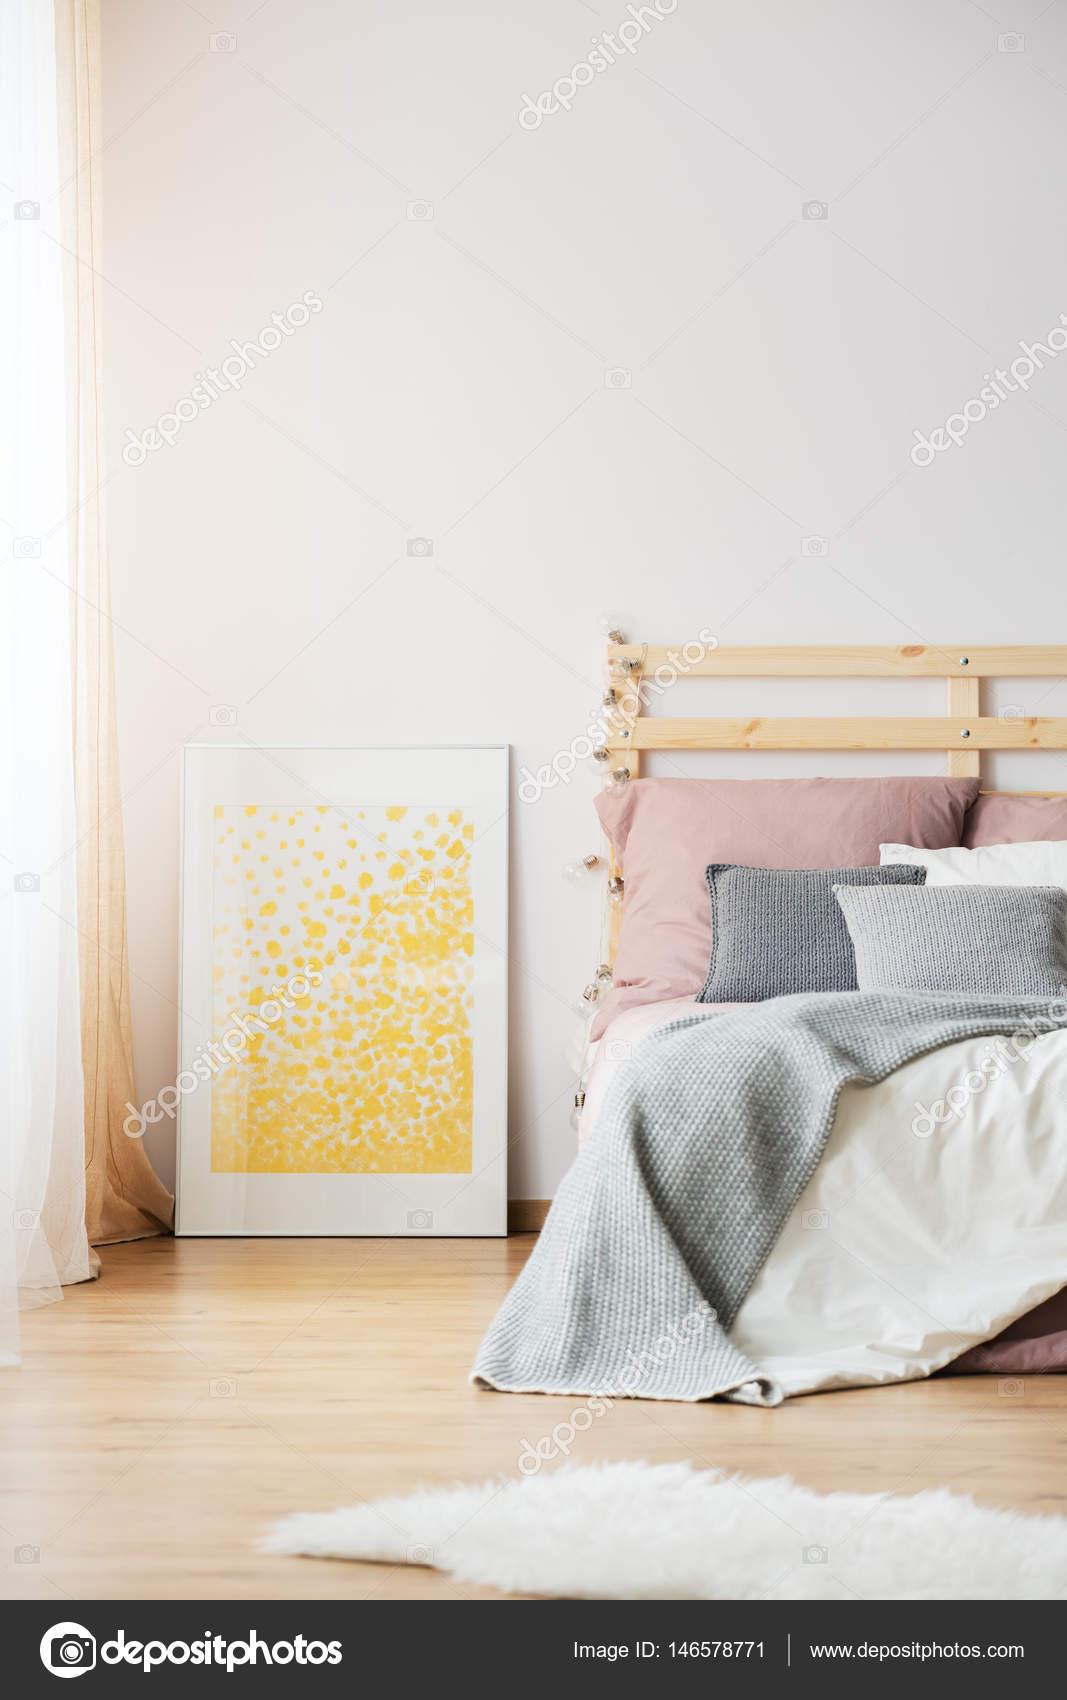 żółty Plakat W Sypialni Zdjęcie Stockowe Photographeeeu